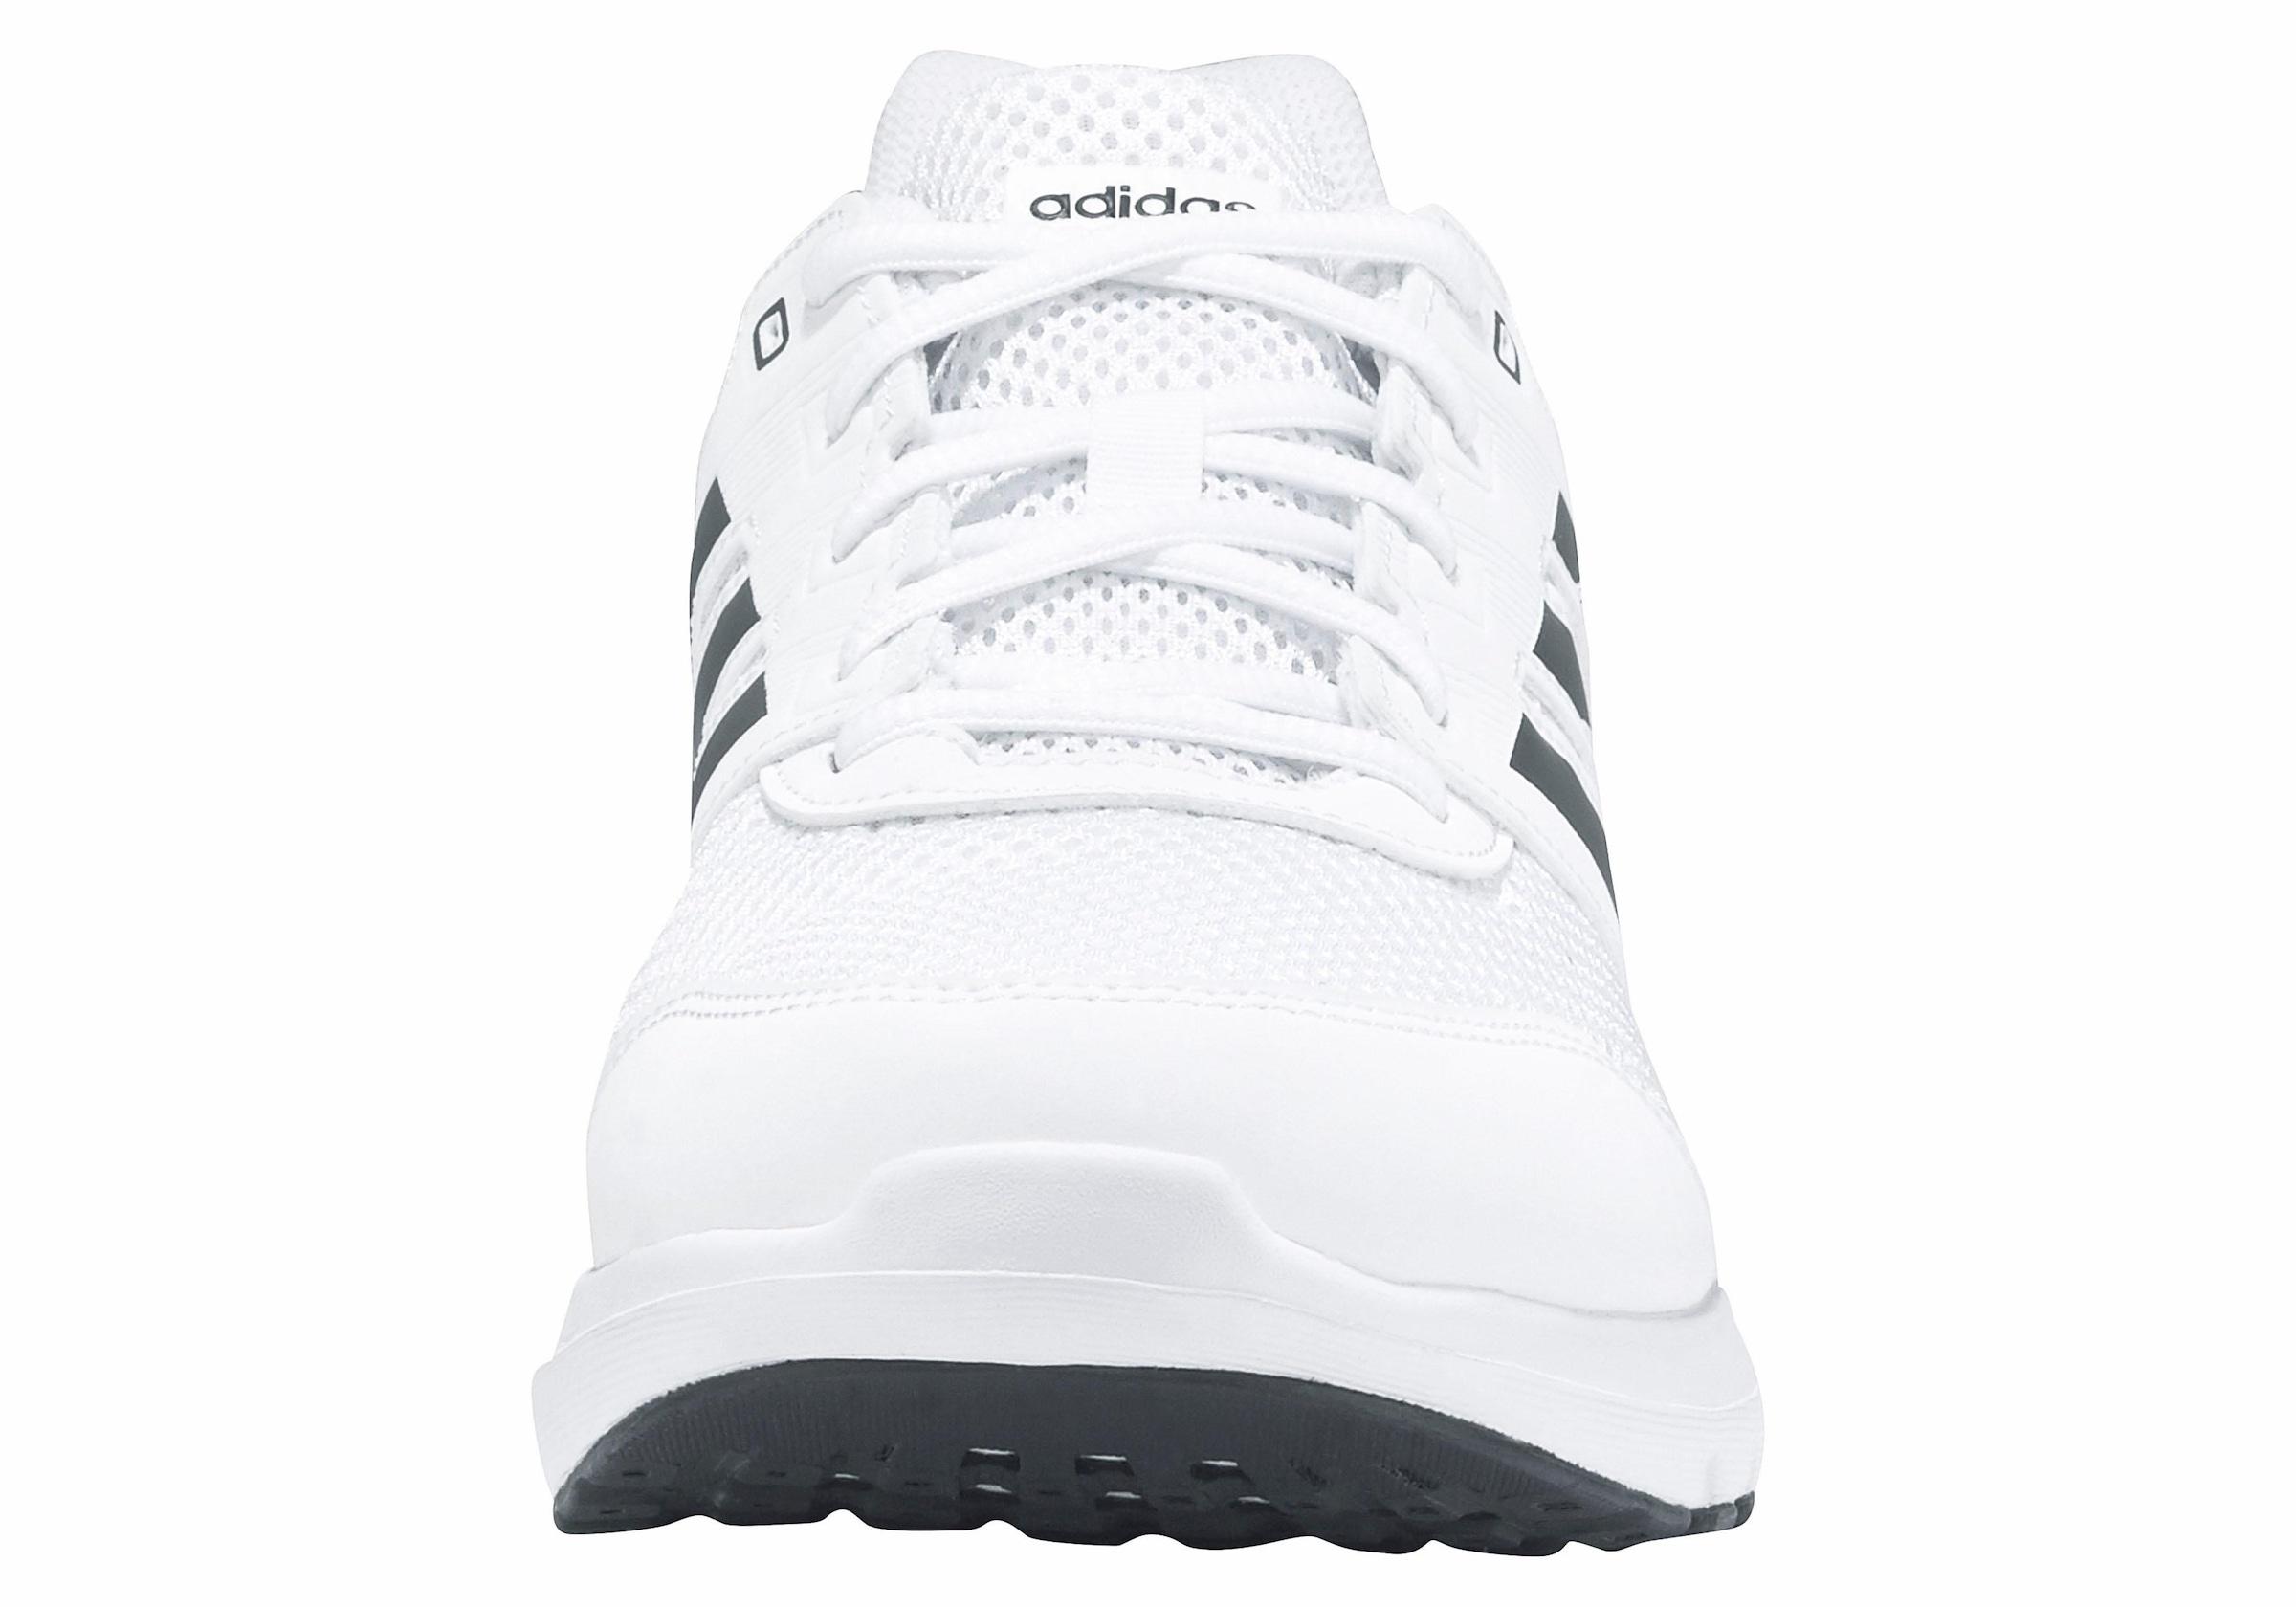 adidas Laufschuh M  ;Duramo Lite 2.0 M Laufschuh für Männer | - Gutes Preis-Leistungs-Verhältnis, es lohnt sich,Boutique1827 e45915